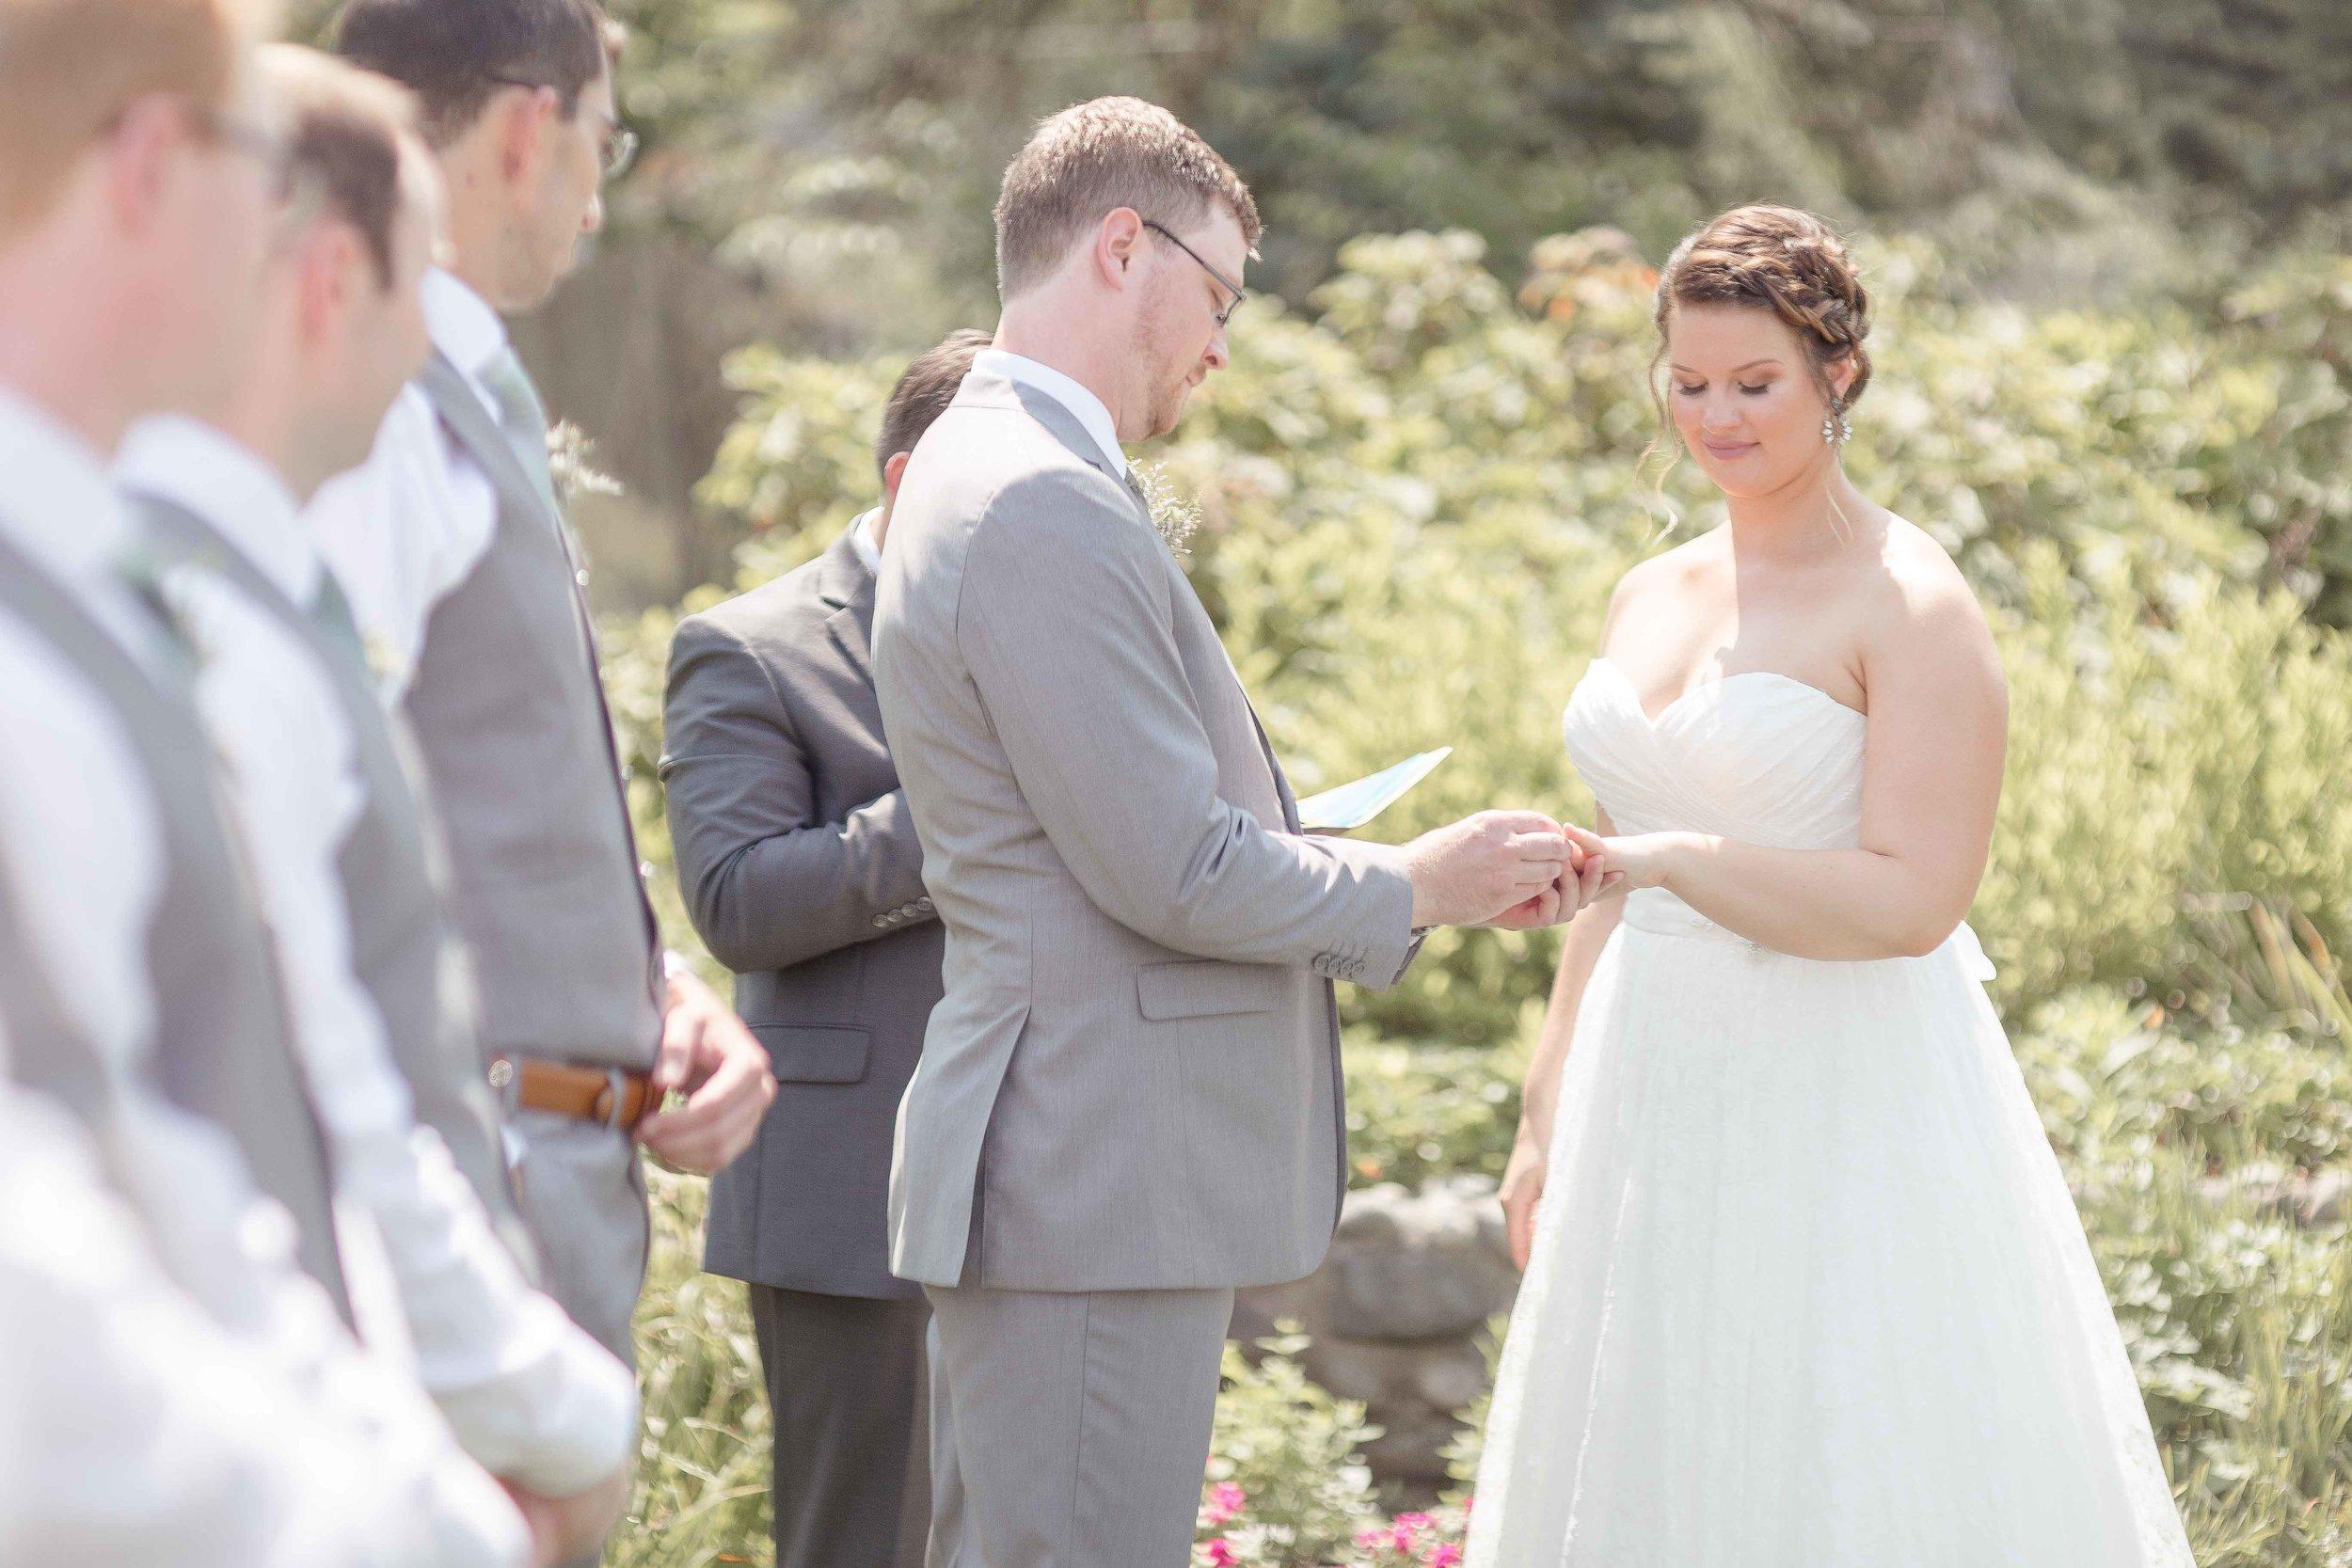 C_Wedding_Sarver, Alyssa & Scott_08.04.18-304.jpg